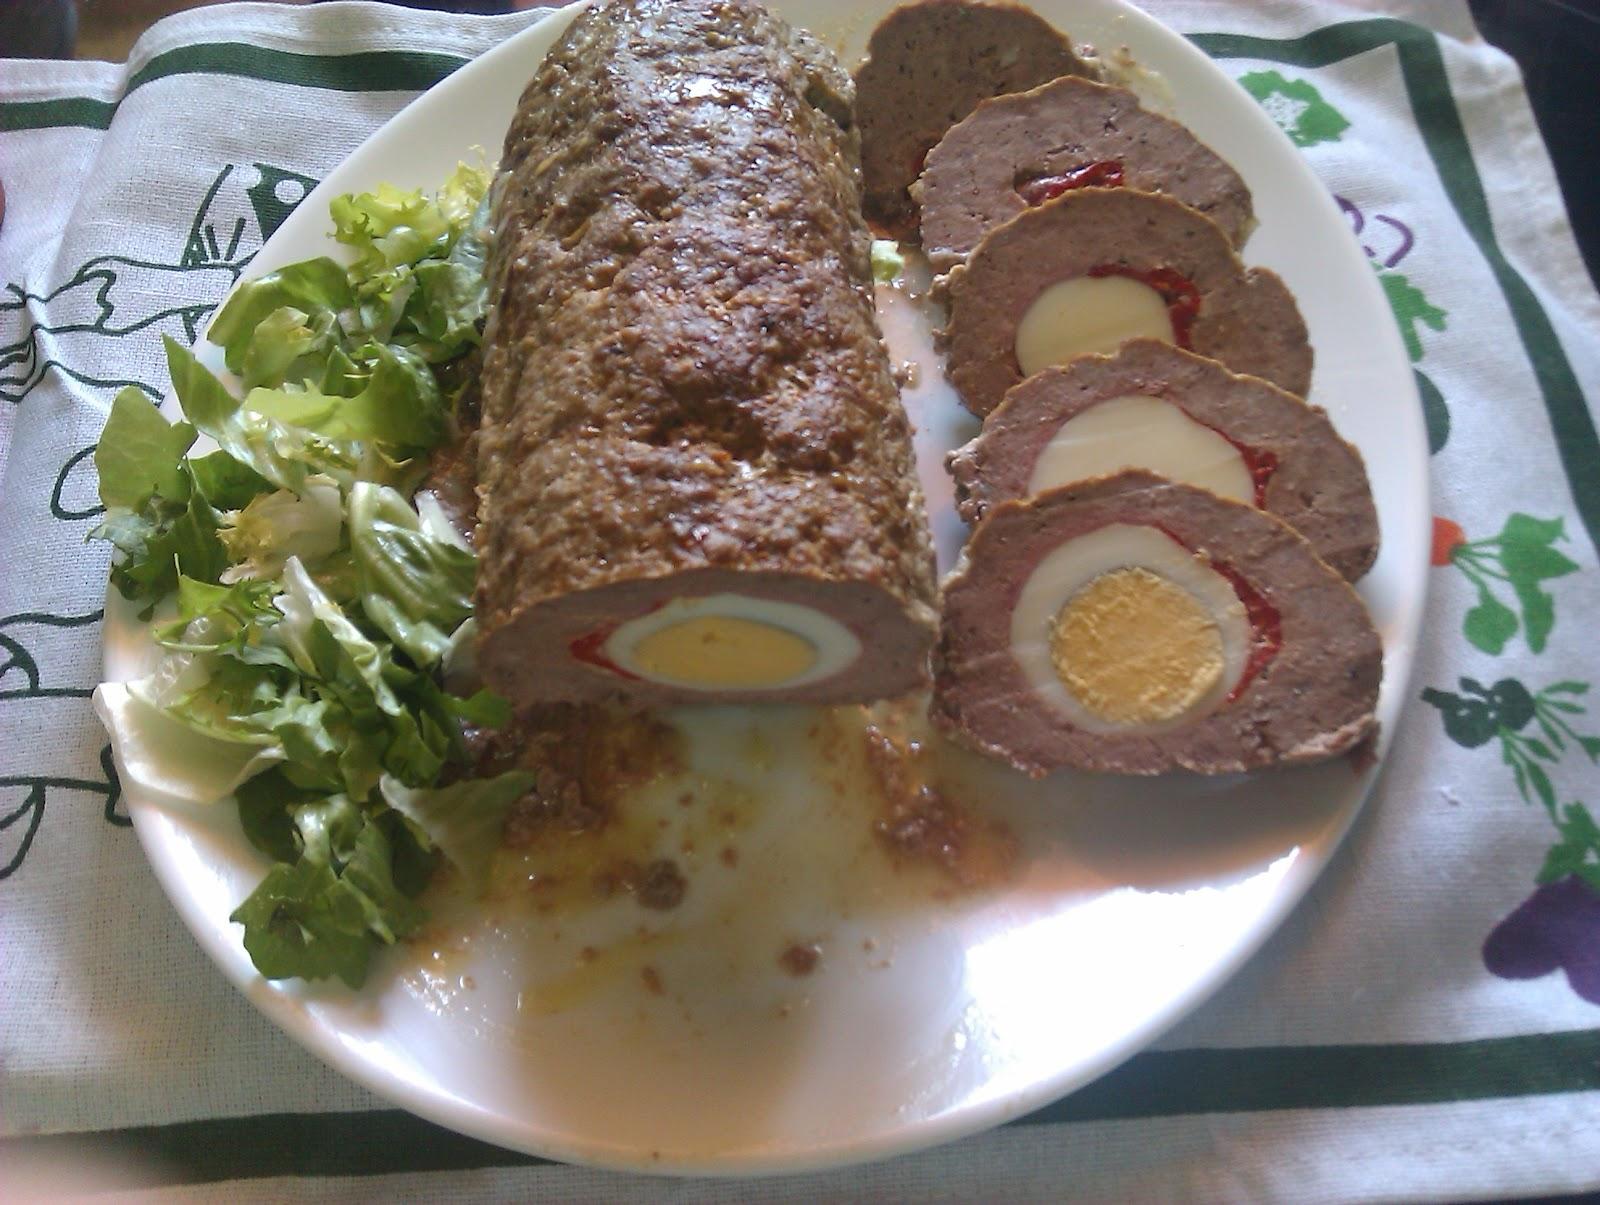 redondo de carne picada relleno en salsa